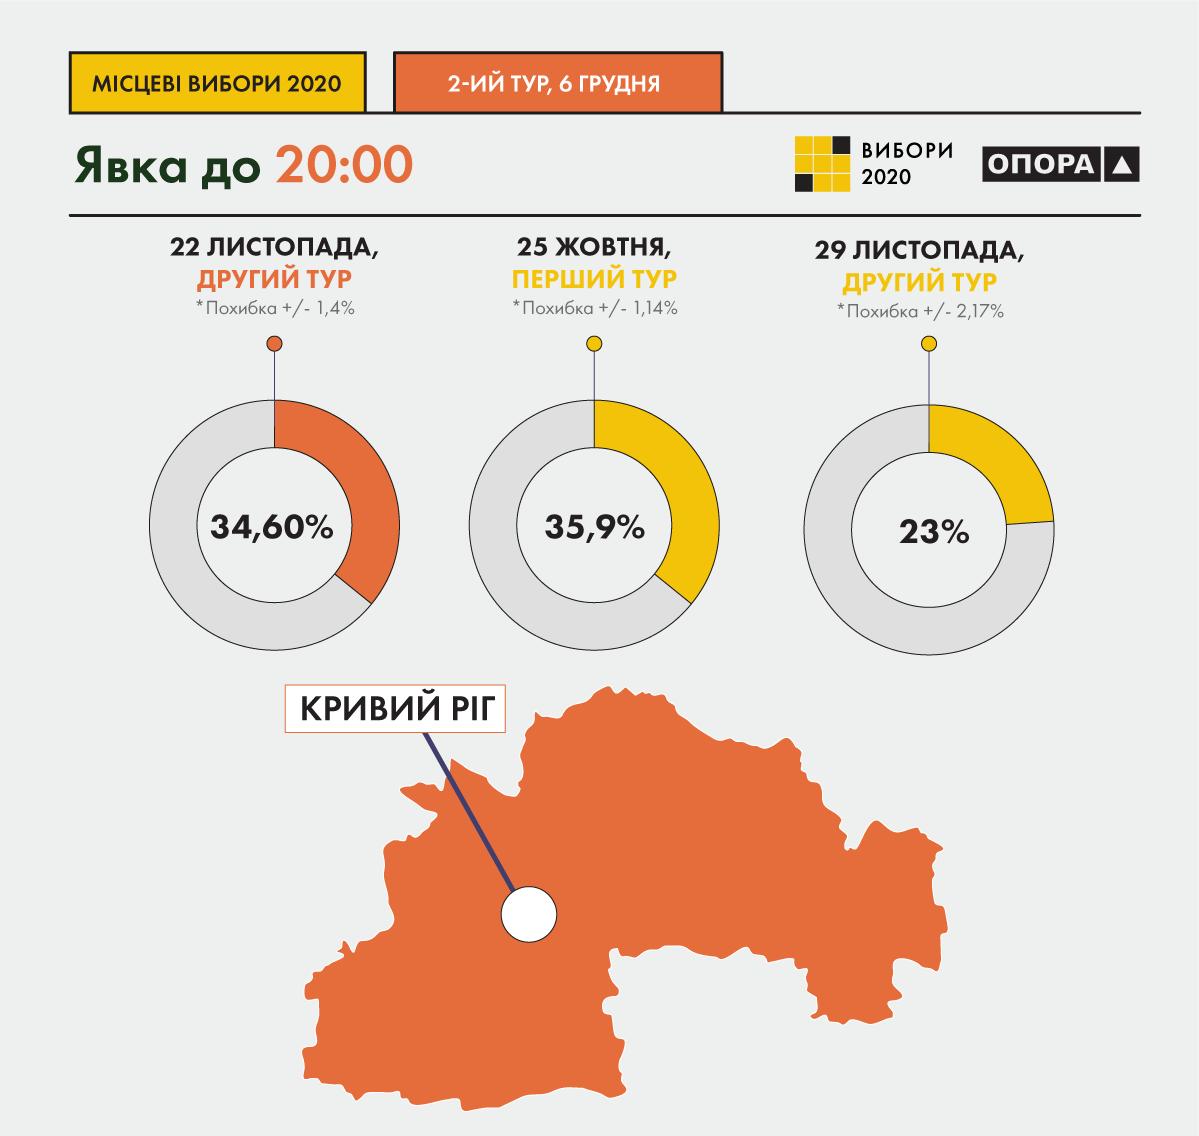 На виборах у Кривому Розі проголосували 34,6% виборців